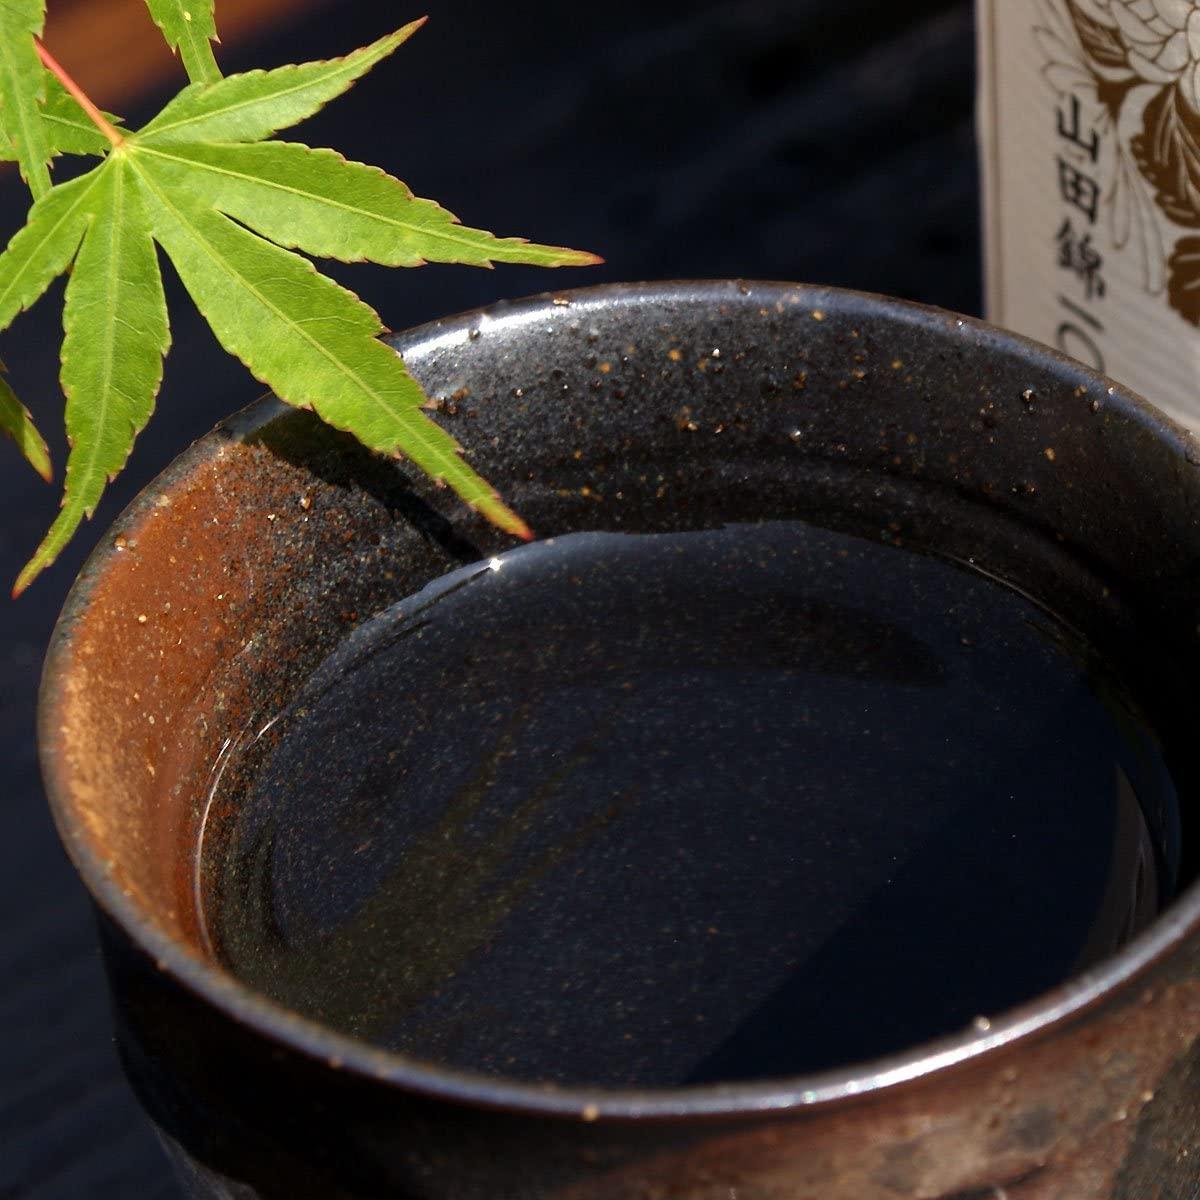 九谷焼(くたにやき)陶器の荒削り 焼酎グラス 銀彩(グリーン)の商品画像2